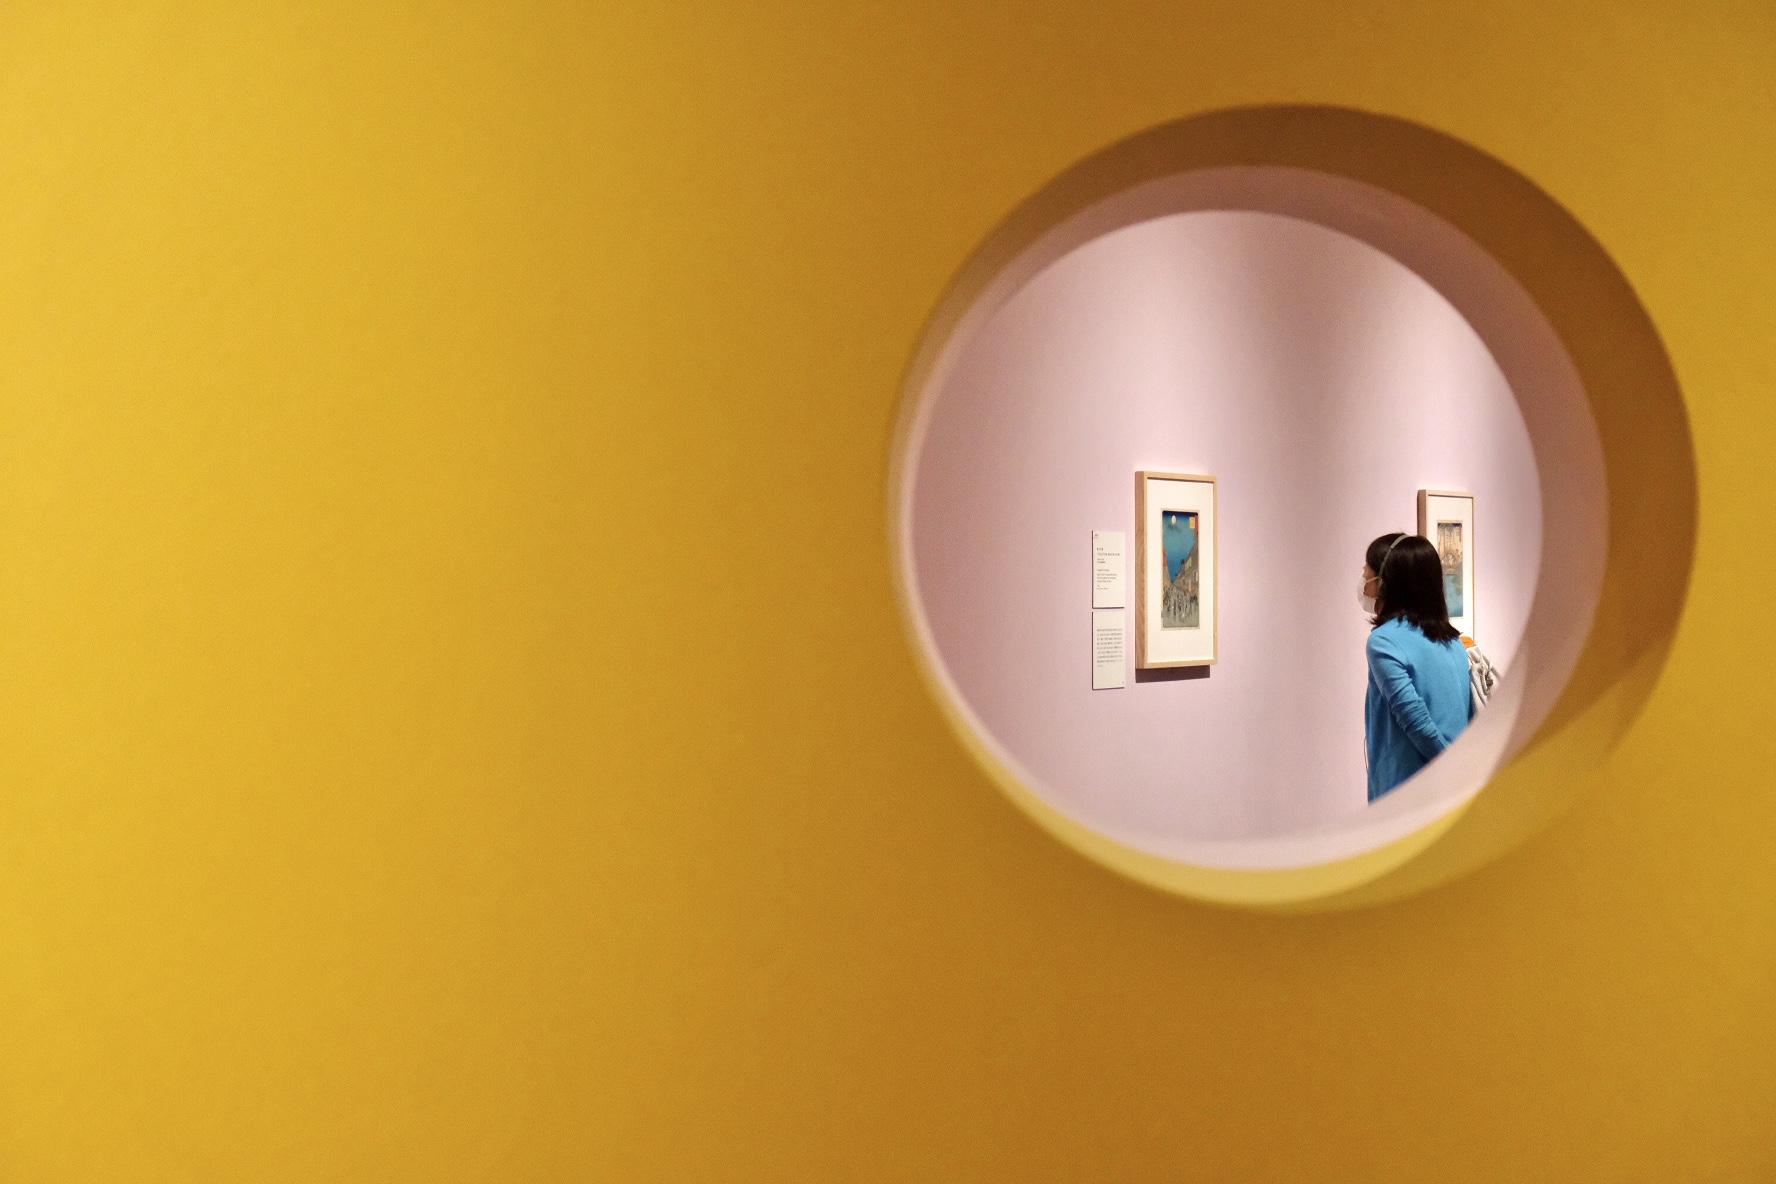 現代によみがえるジャポニスム 江戸時代と現代を繋ぐ浮世絵という架け橋